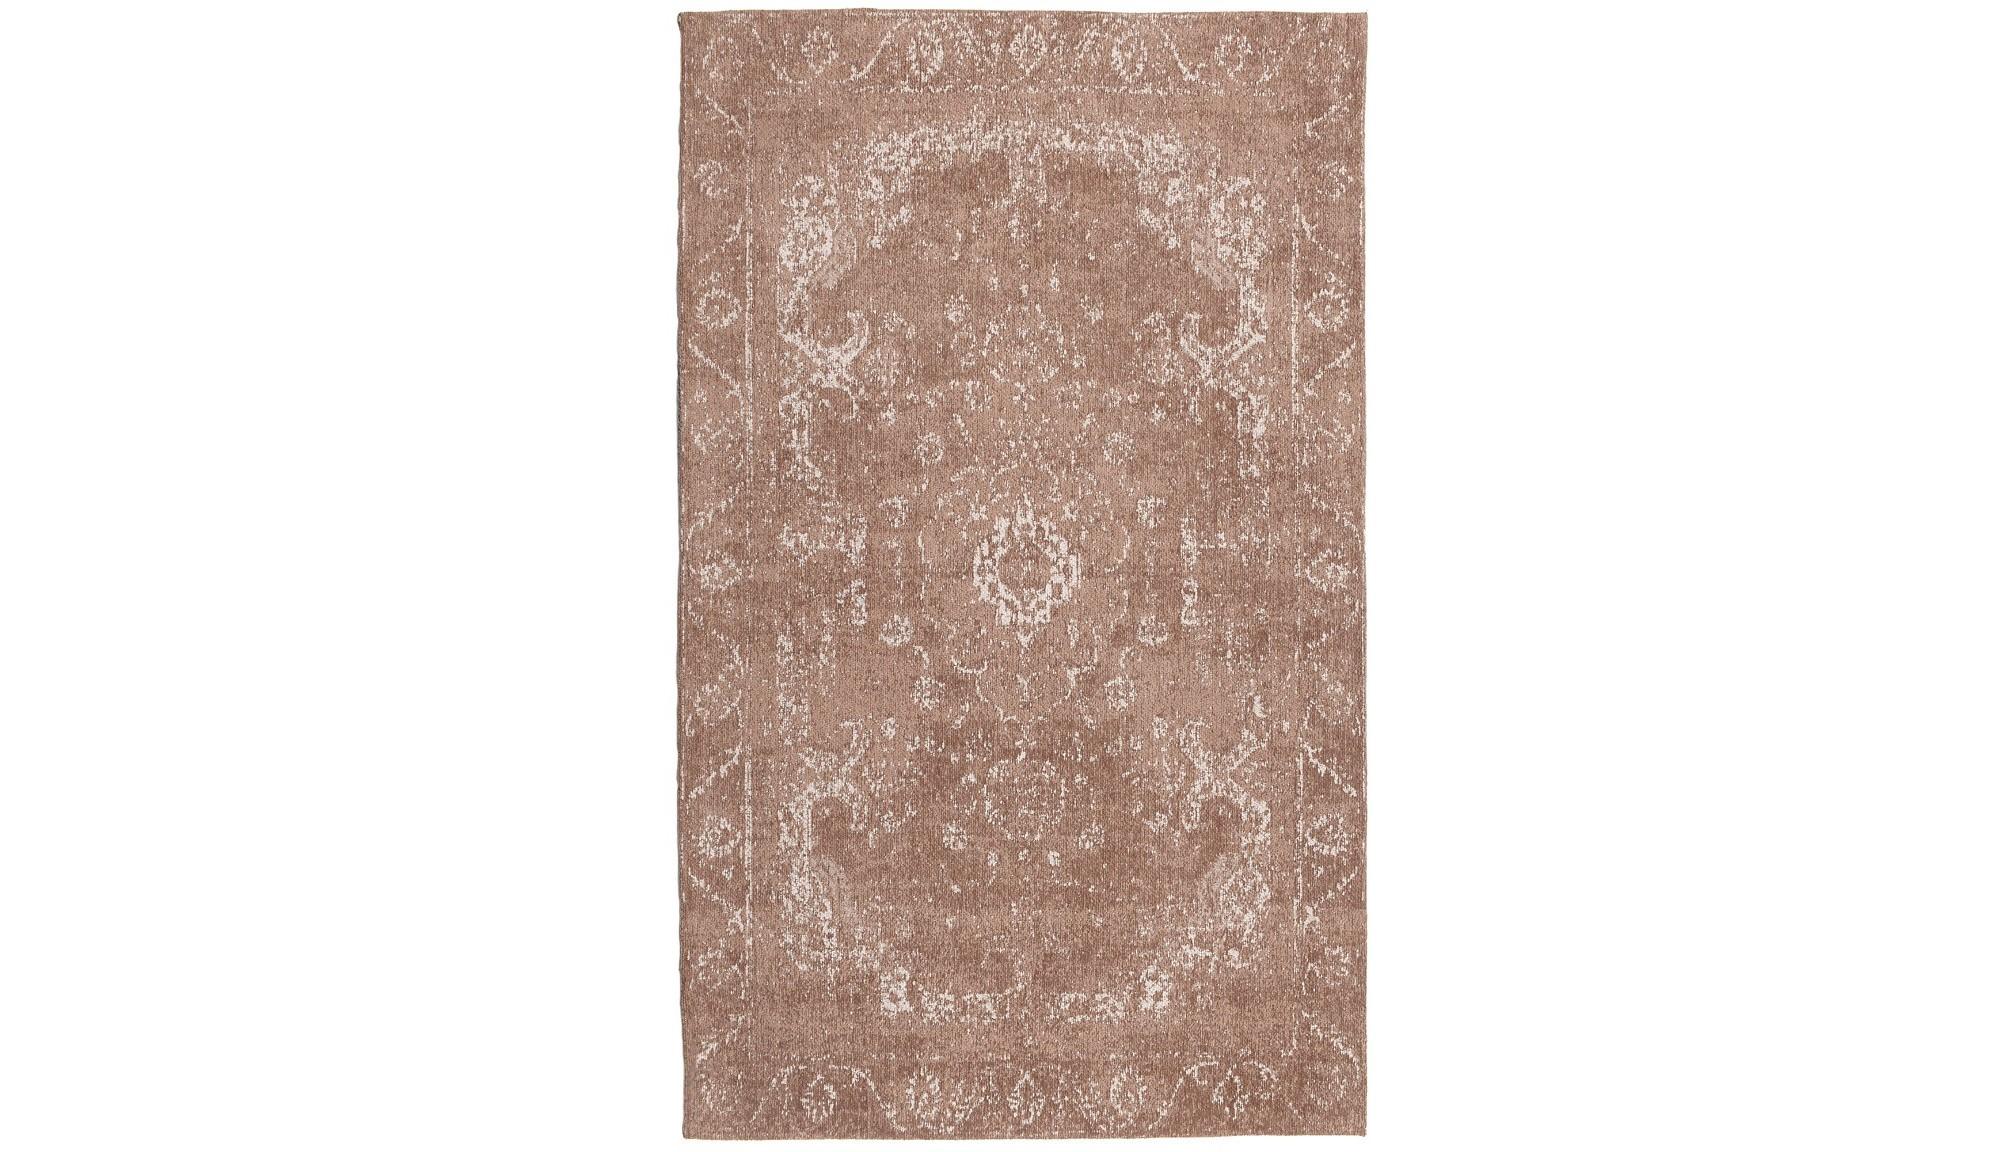 Ковер ArtenoПрямоугольные ковры<br>Материал: синель, хлопок, полиэстер<br><br>Material: Текстиль<br>Ширина см: 70<br>Высота см: 2<br>Глубина см: 110